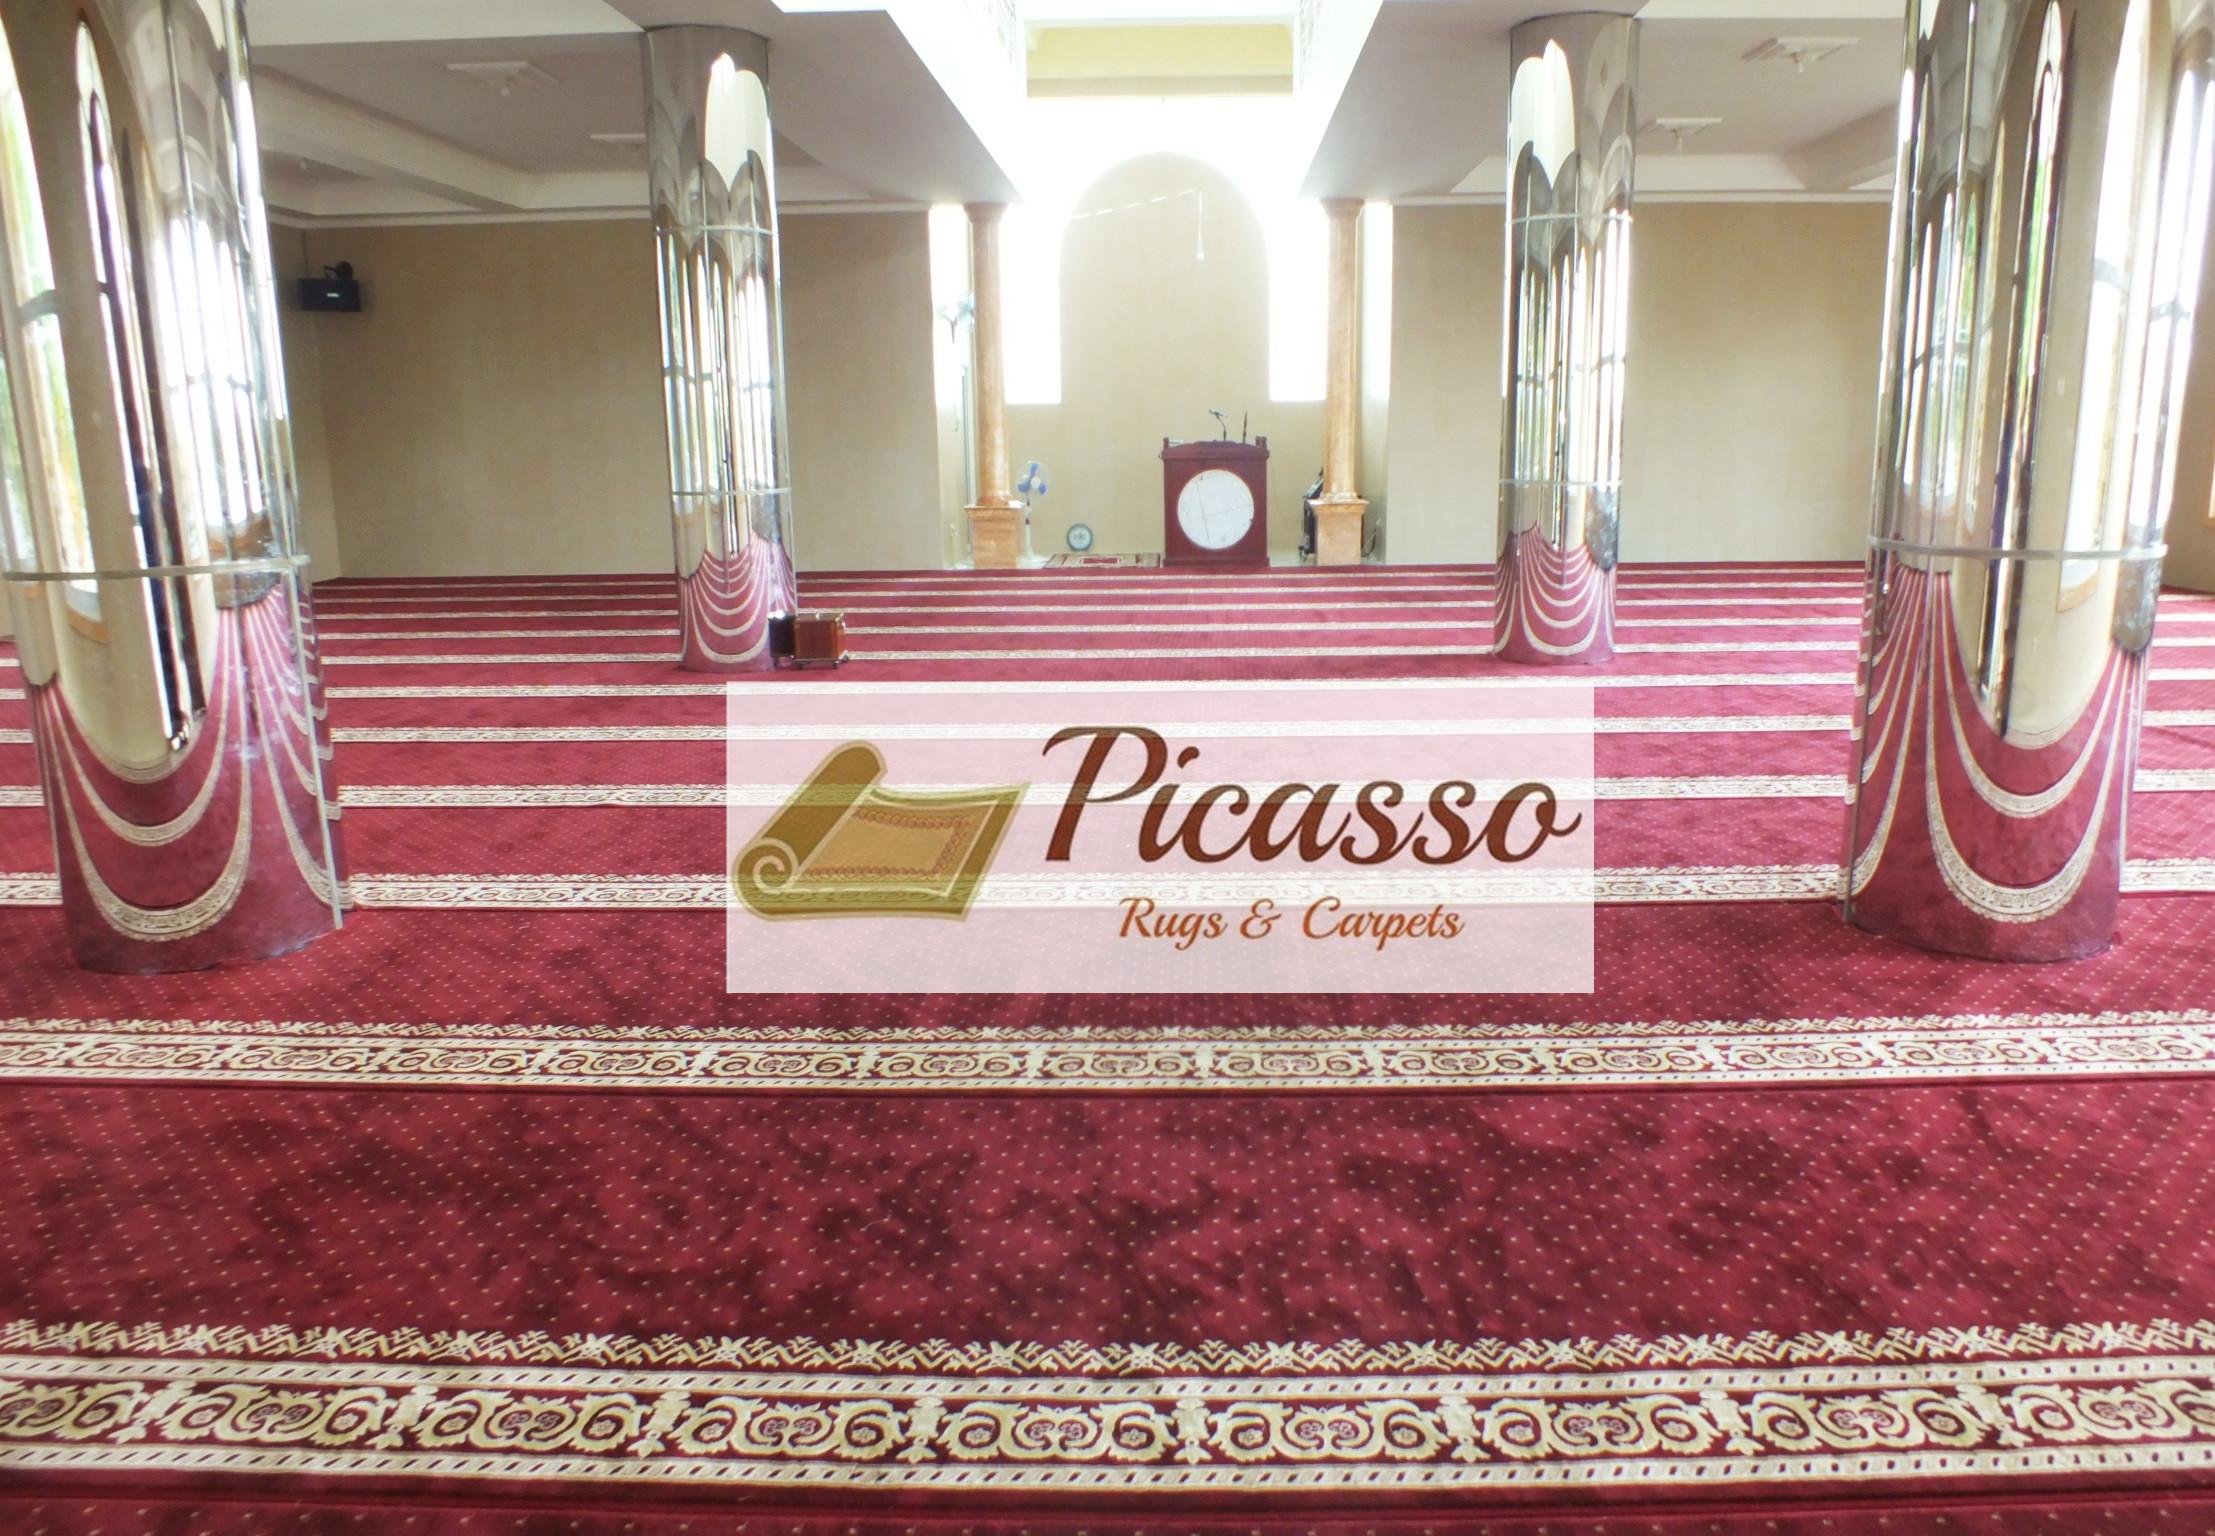 Toko Karpet Masjid di Bandung? Tak perlu Pusing, ke Picasso Rugs And Carpet Aja!